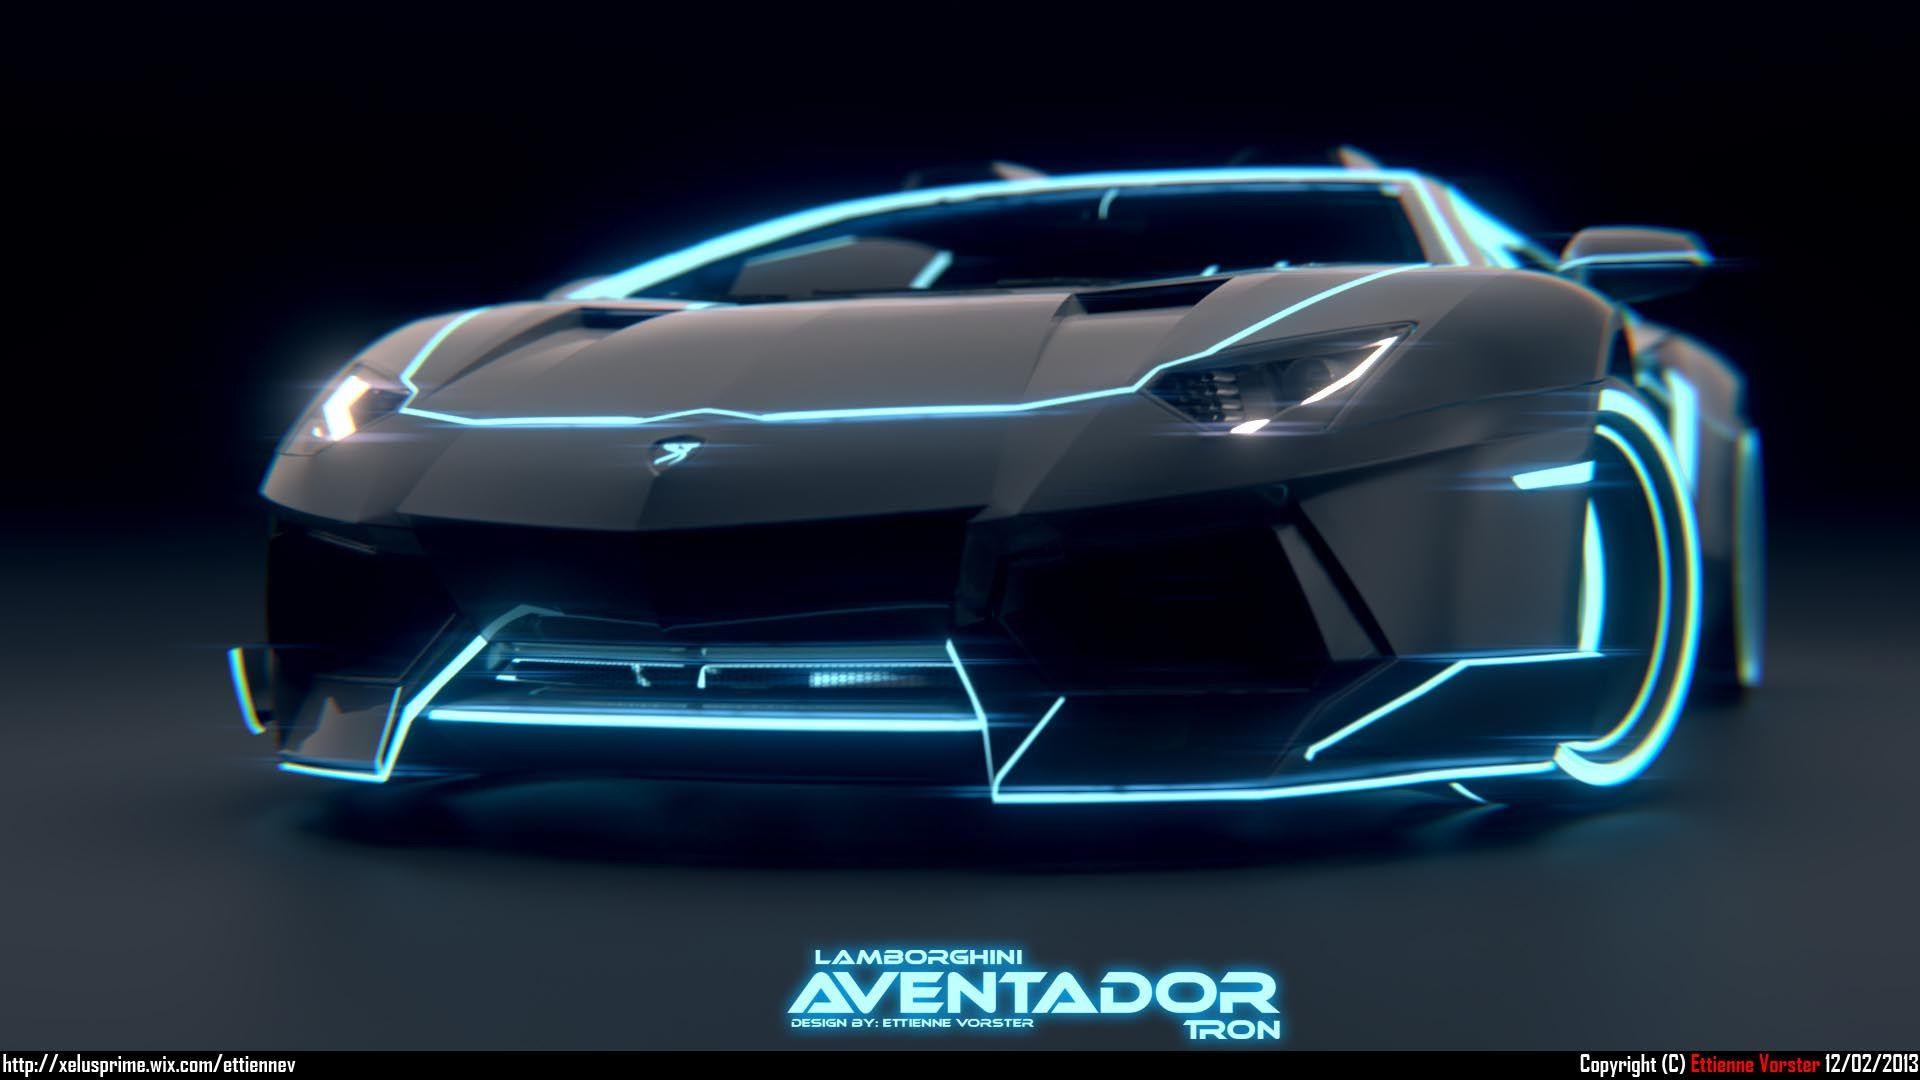 Aston Martin Hd Wallpaper P Free Hd Resolutions Lamborghini Aventador Wallpaper Lamborghini Live Wallpaper For Pc